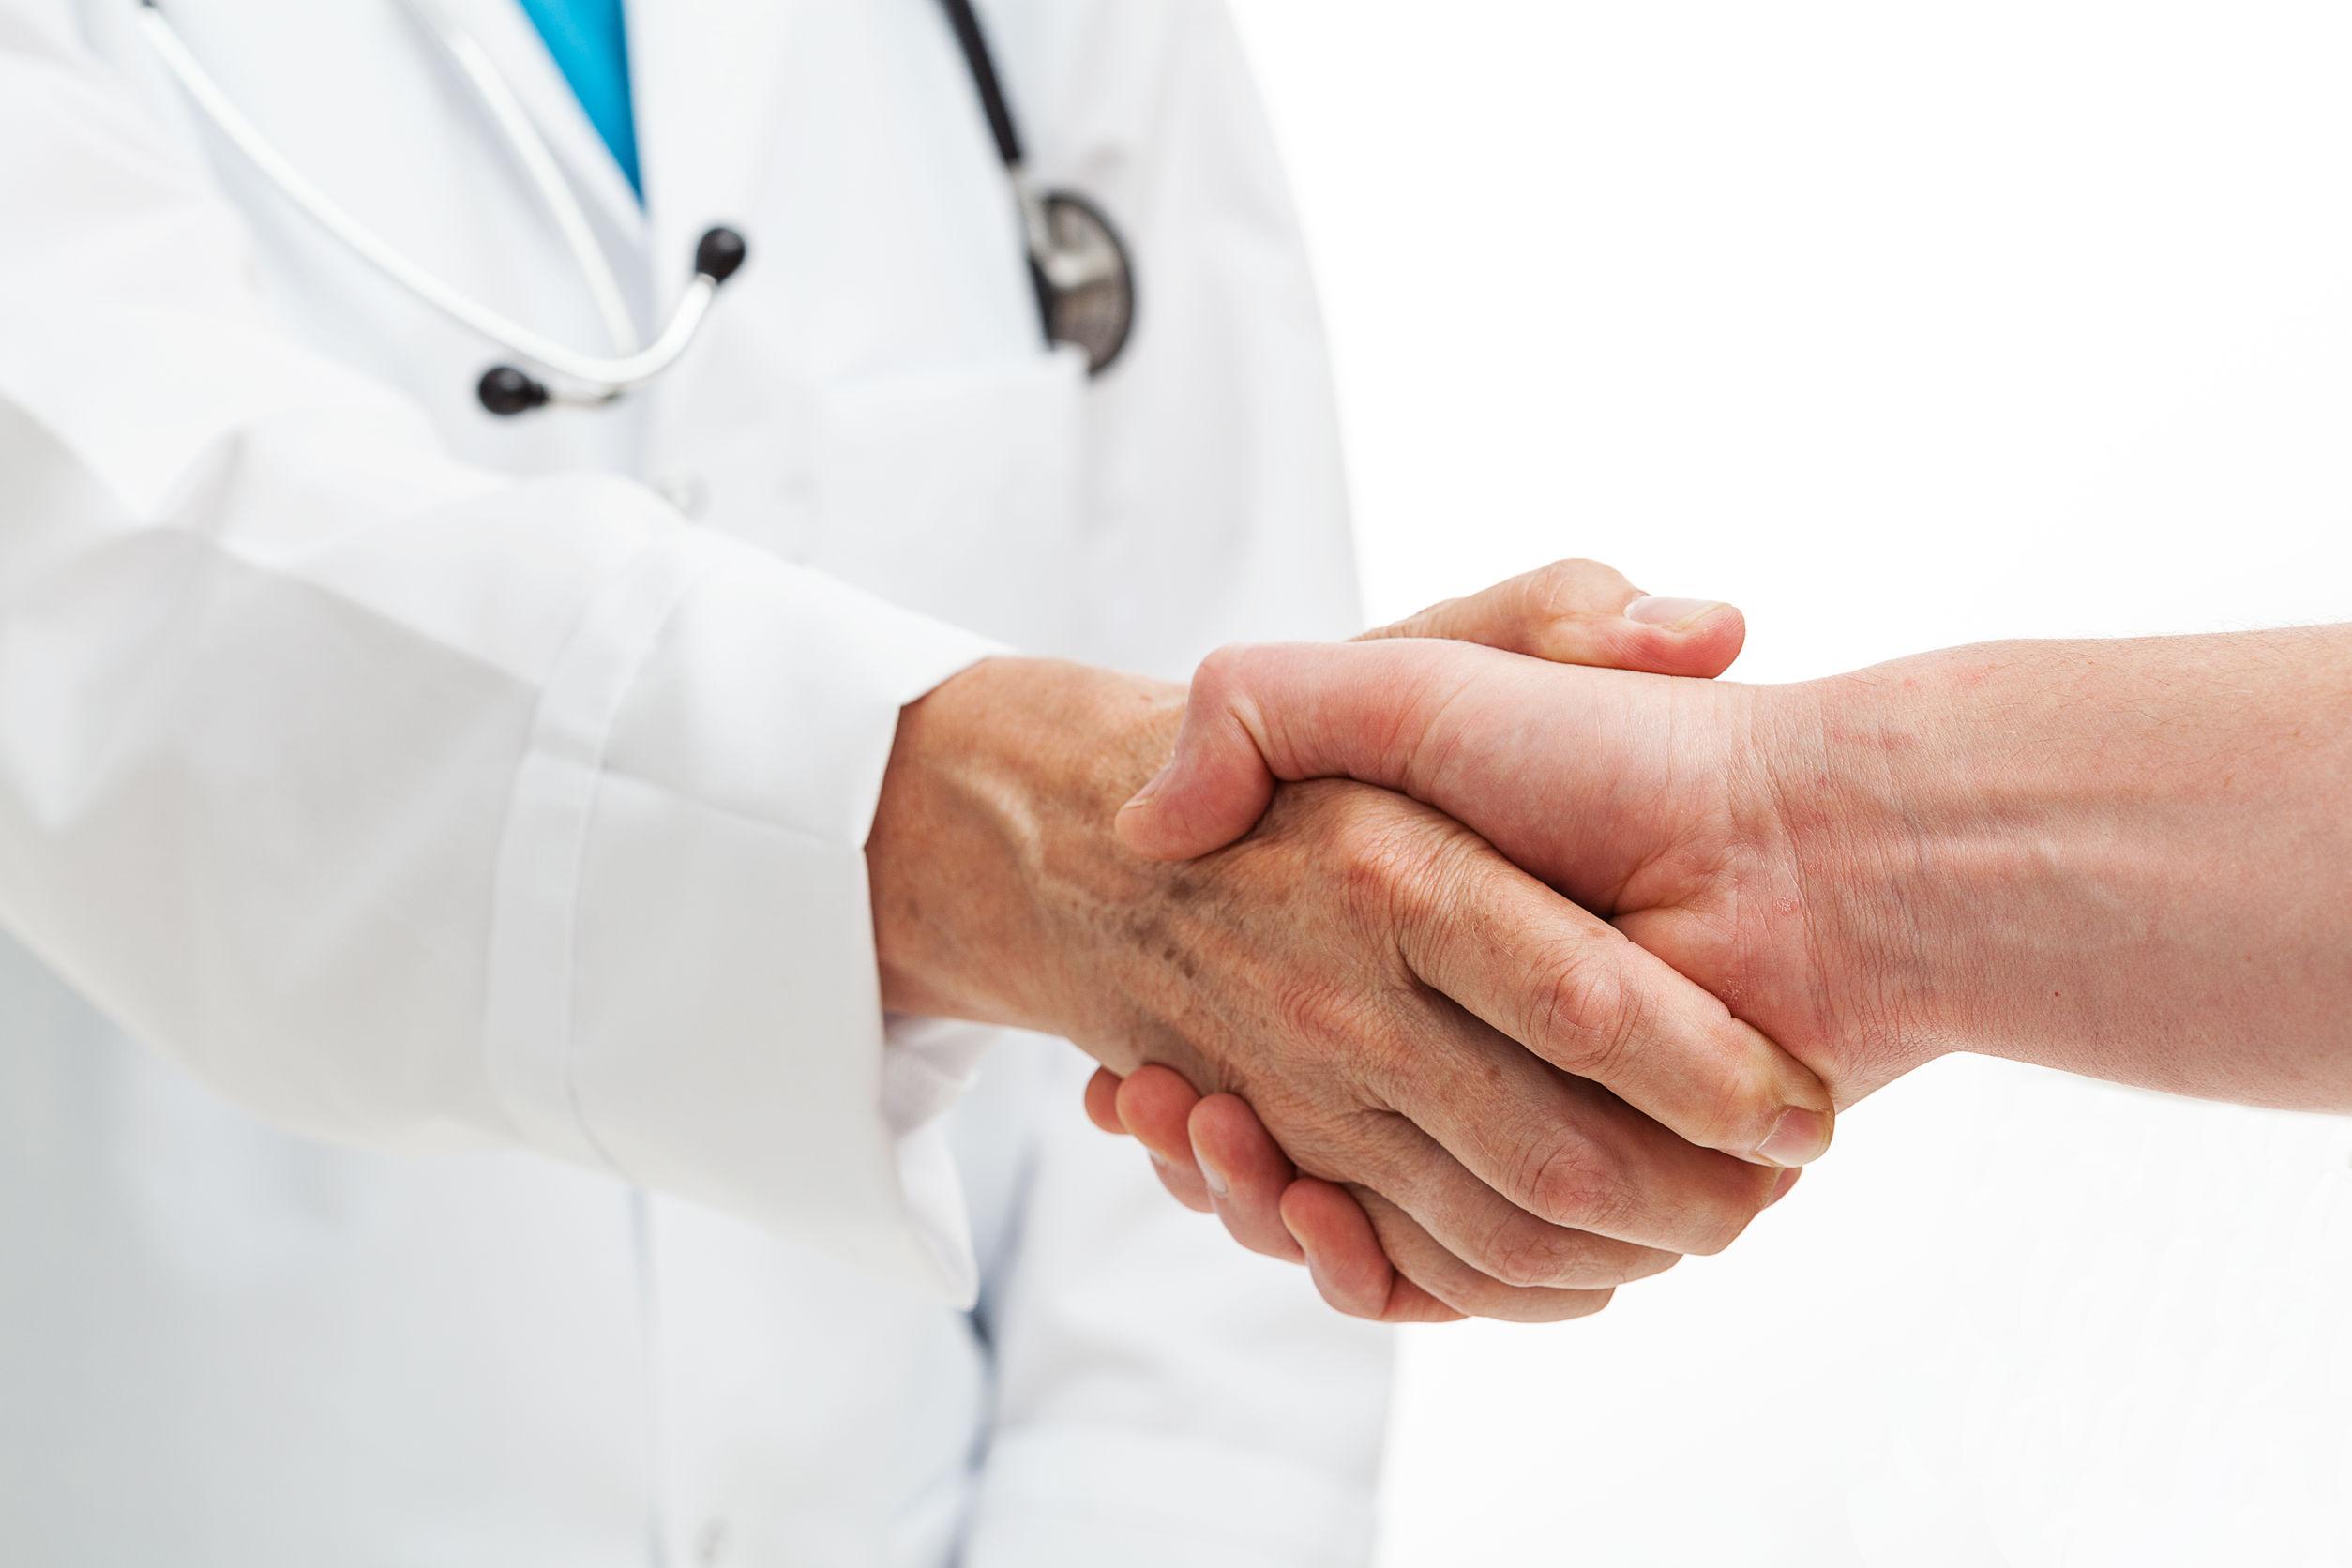 L'impatto dell'alleanza terapeutica nella fisioterapia per il dolore muscoloscheletrico cronico